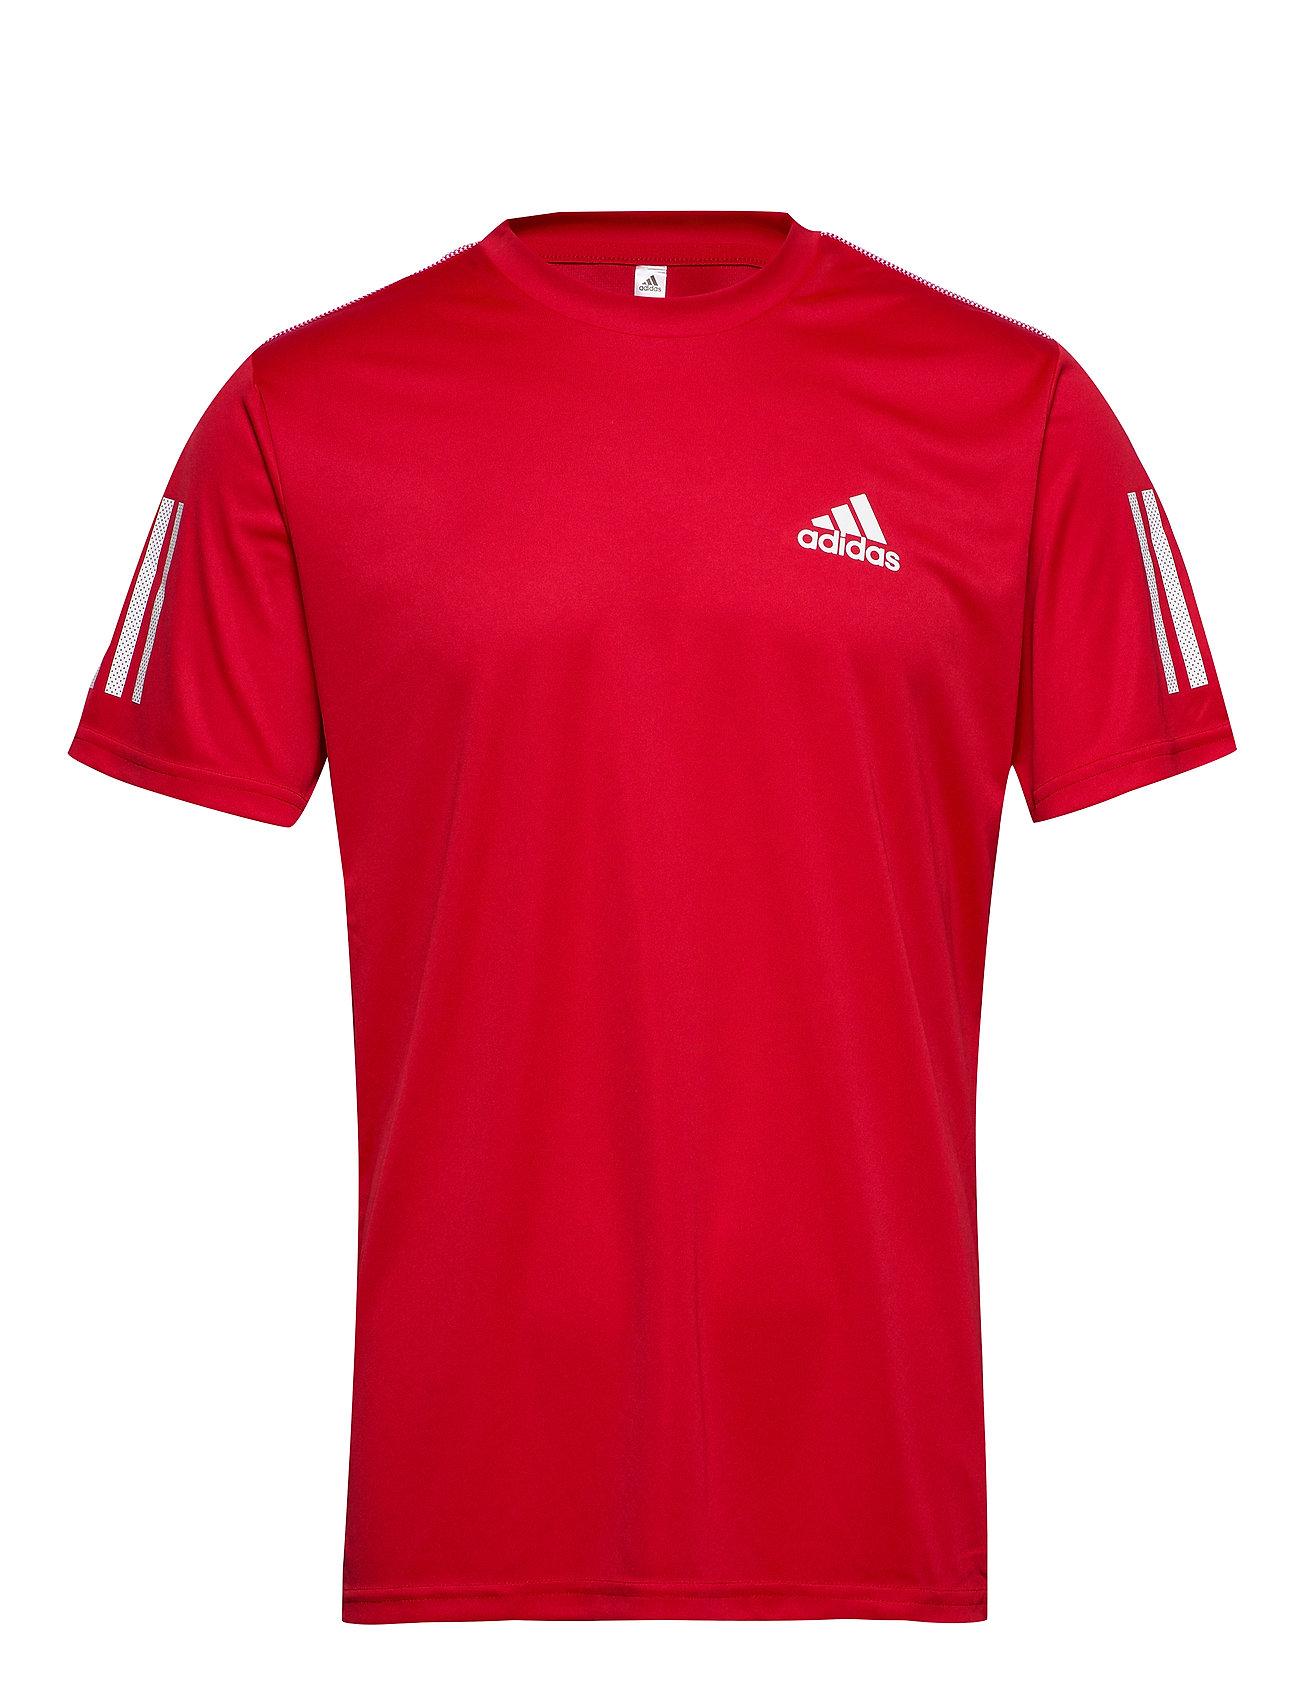 adidas Tennis CLUB 3STR TEE - SCARLET